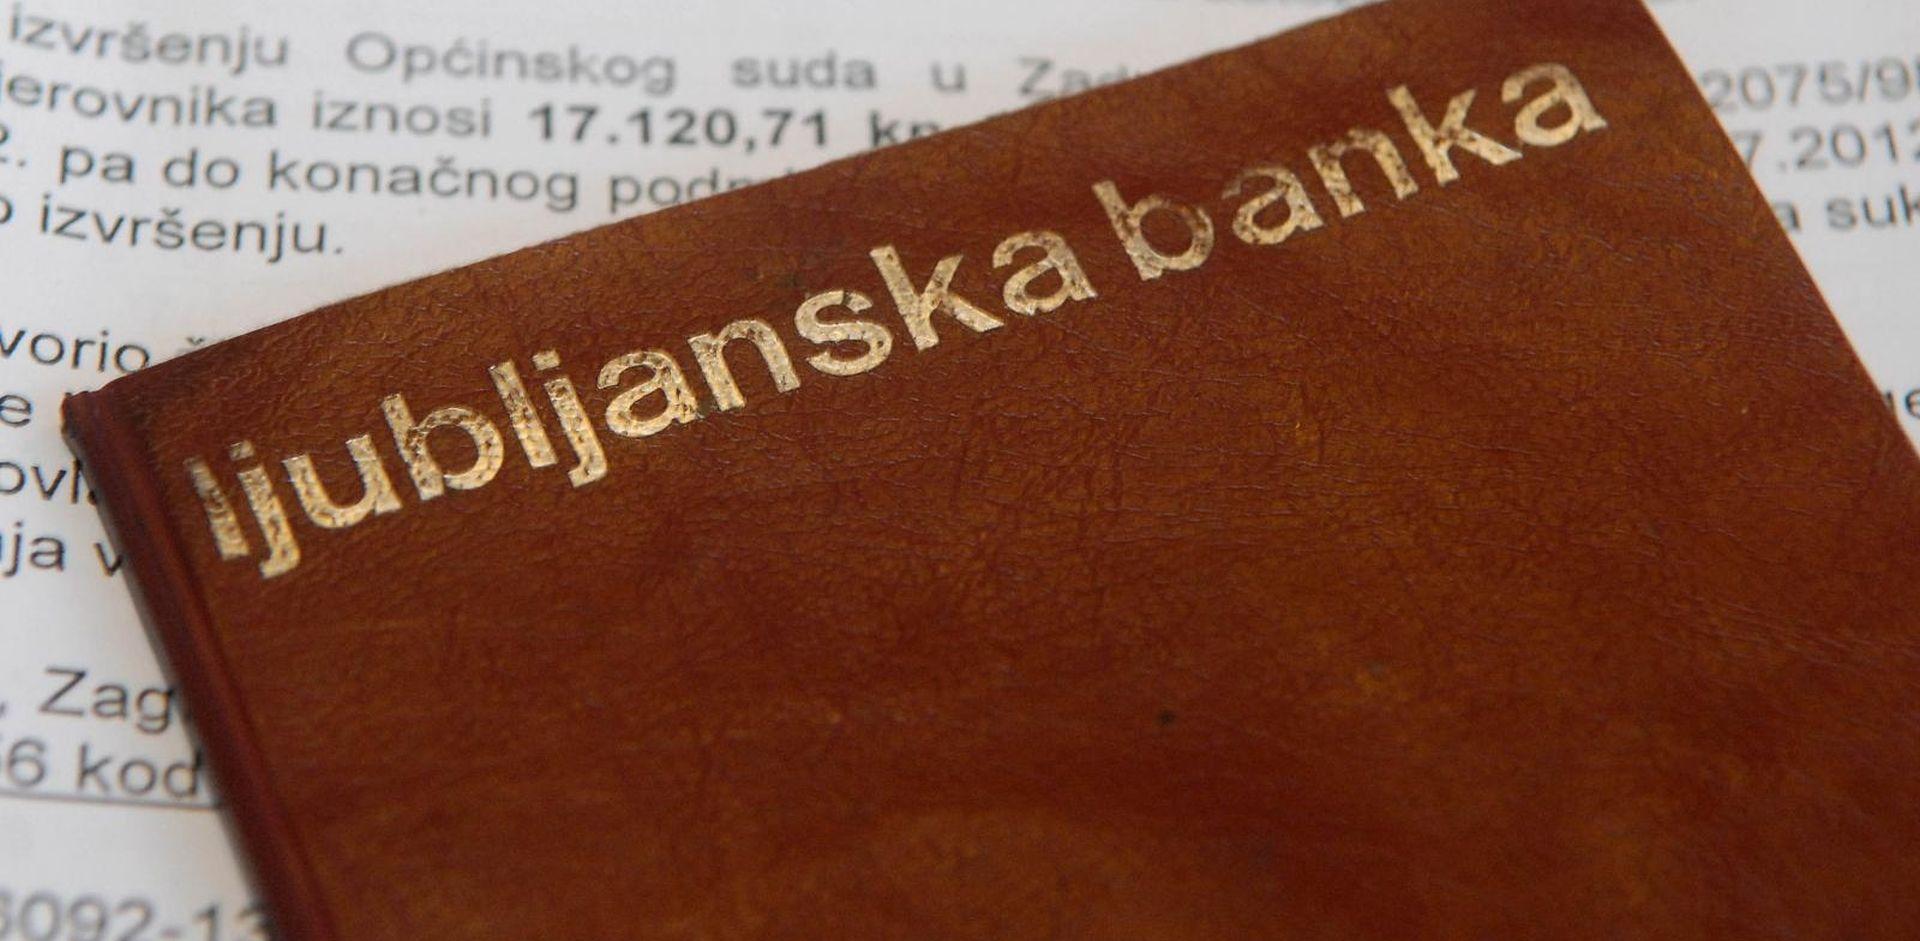 Slovenija predala Hrvatskoj prosvjednu notu zbog Ljubljanske banke